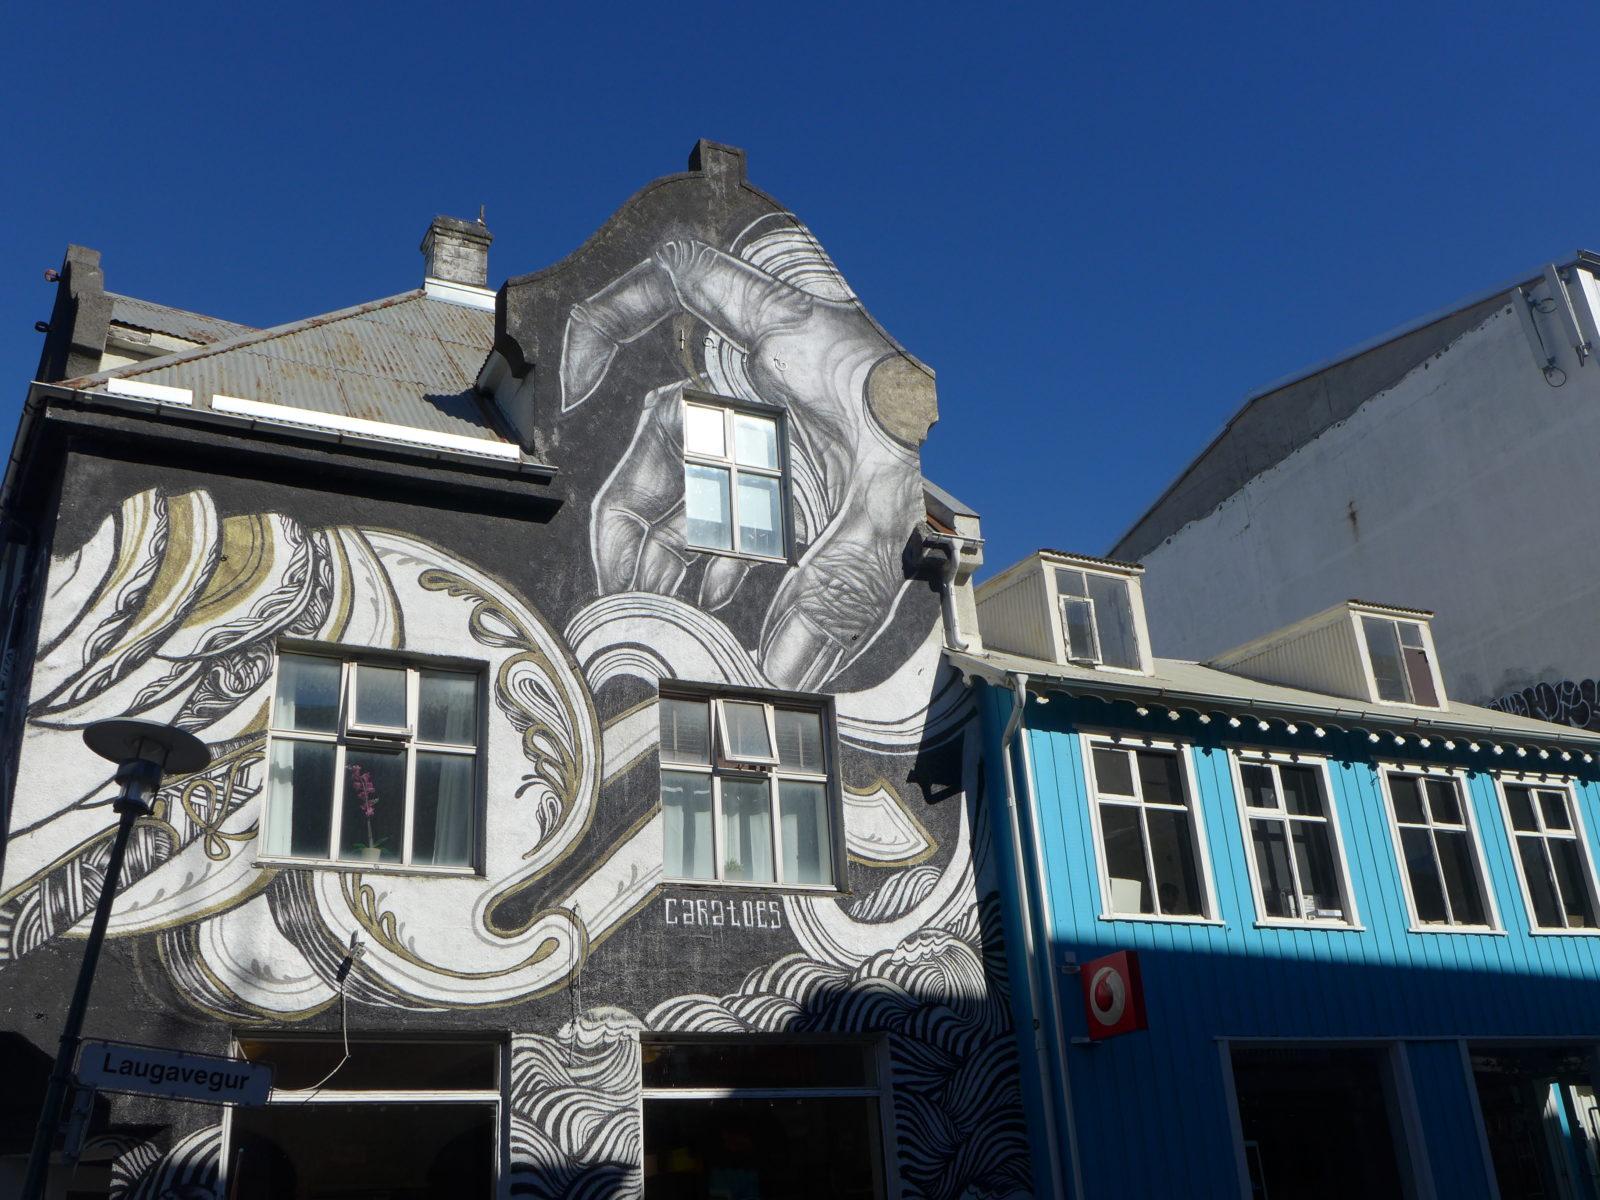 caratoes ylja street art islande reykjavik wall poetry - Focus sur Reykjavik : la capitale de l'Islande s'ouvre au street art !